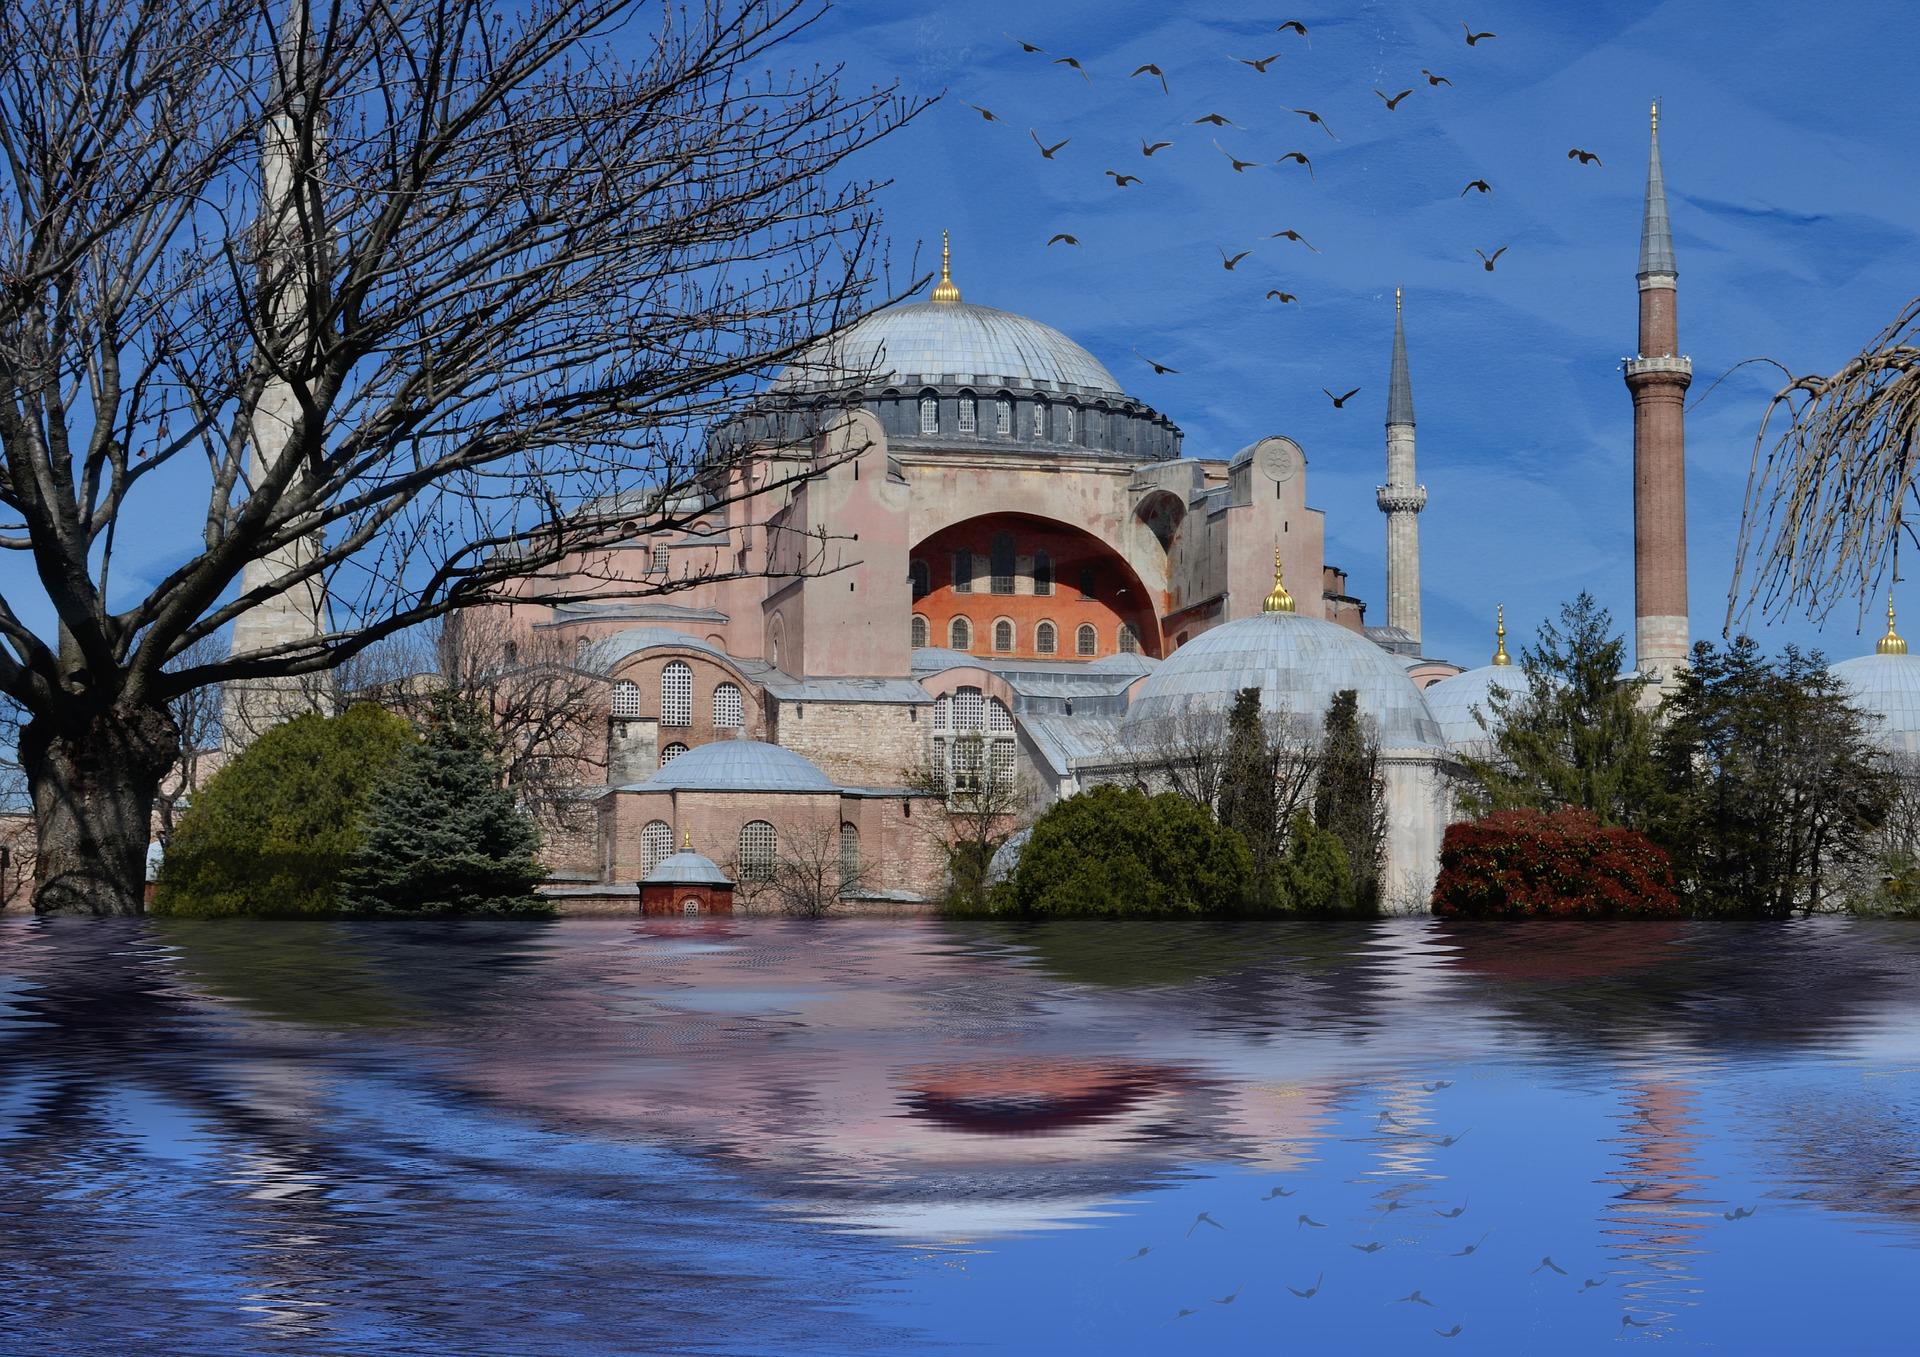 Hagia Sophia Museum Tageskarte ab 35,00€ - Städte Trip nach Istanbul ab 147,00€